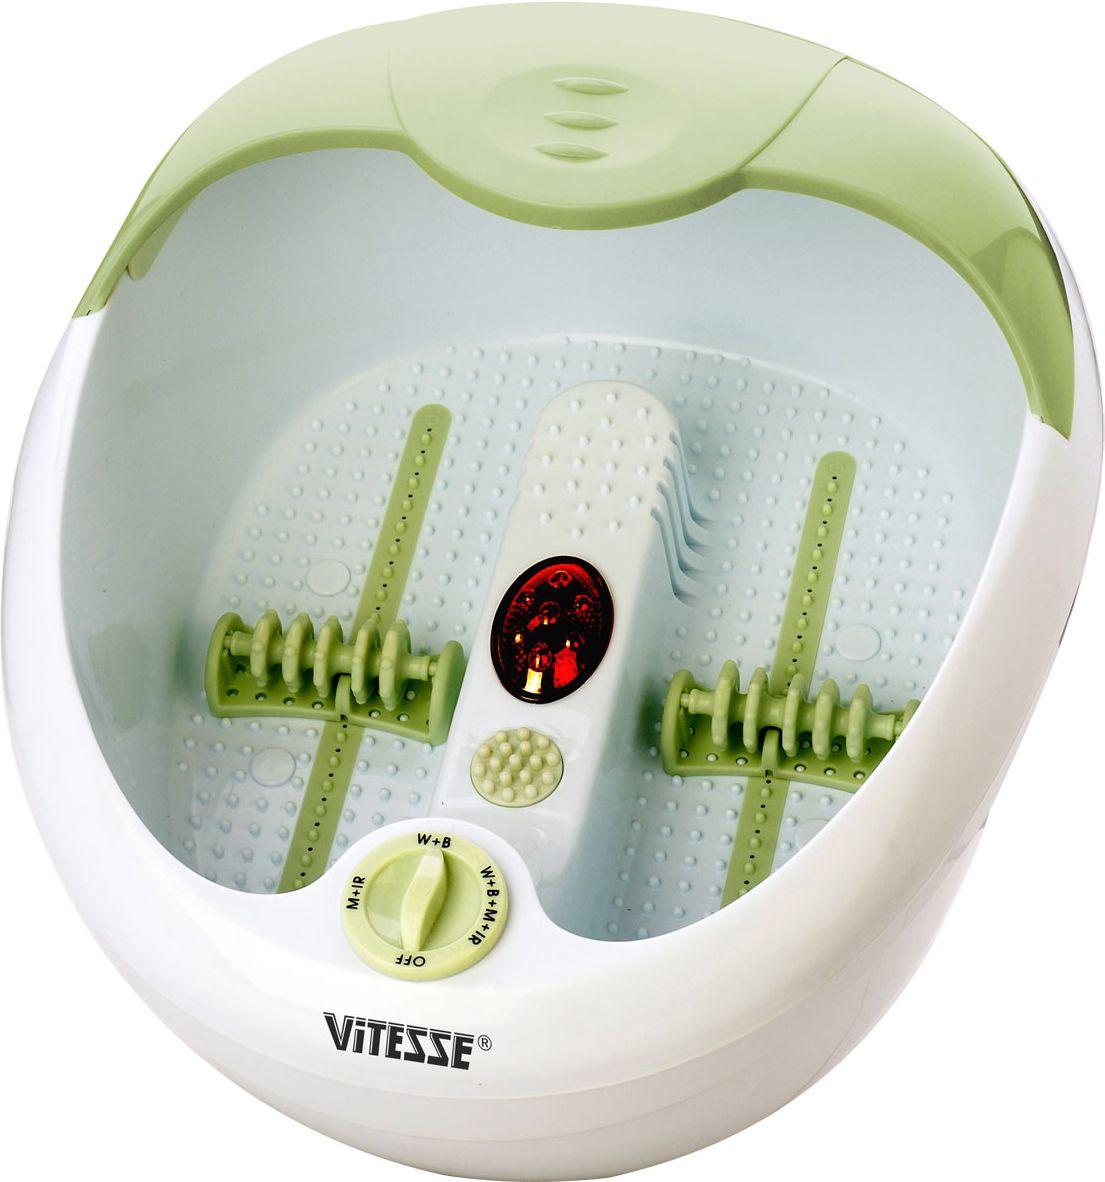 Vitesse VS-970VS-970Массажер для ног Vitesse VS-970 поможет снять усталость после тяжелого дня, проведенного в постоянной беготне. Он оснащен педикюрным набором и четырьмя скоростными режимами, что позволит вам выбрать самый подходящий для себя. Он сам подогреет воду до нужной температуры и будет поддерживать её, чтобы вы могли наслаждаться процедурой сколько угодно долго.SPA ваннаНескользящие резиновые ножкиЗащита от разбрызгивания2-х ступенчатый переключатель мощностиПараметры питания: 230В ~ 50ГцПитание педикюрного набора: Батарейки (2 АА х 1,5 В)Как ухаживать за ногтями: советы эксперта. Статья OZON Гид